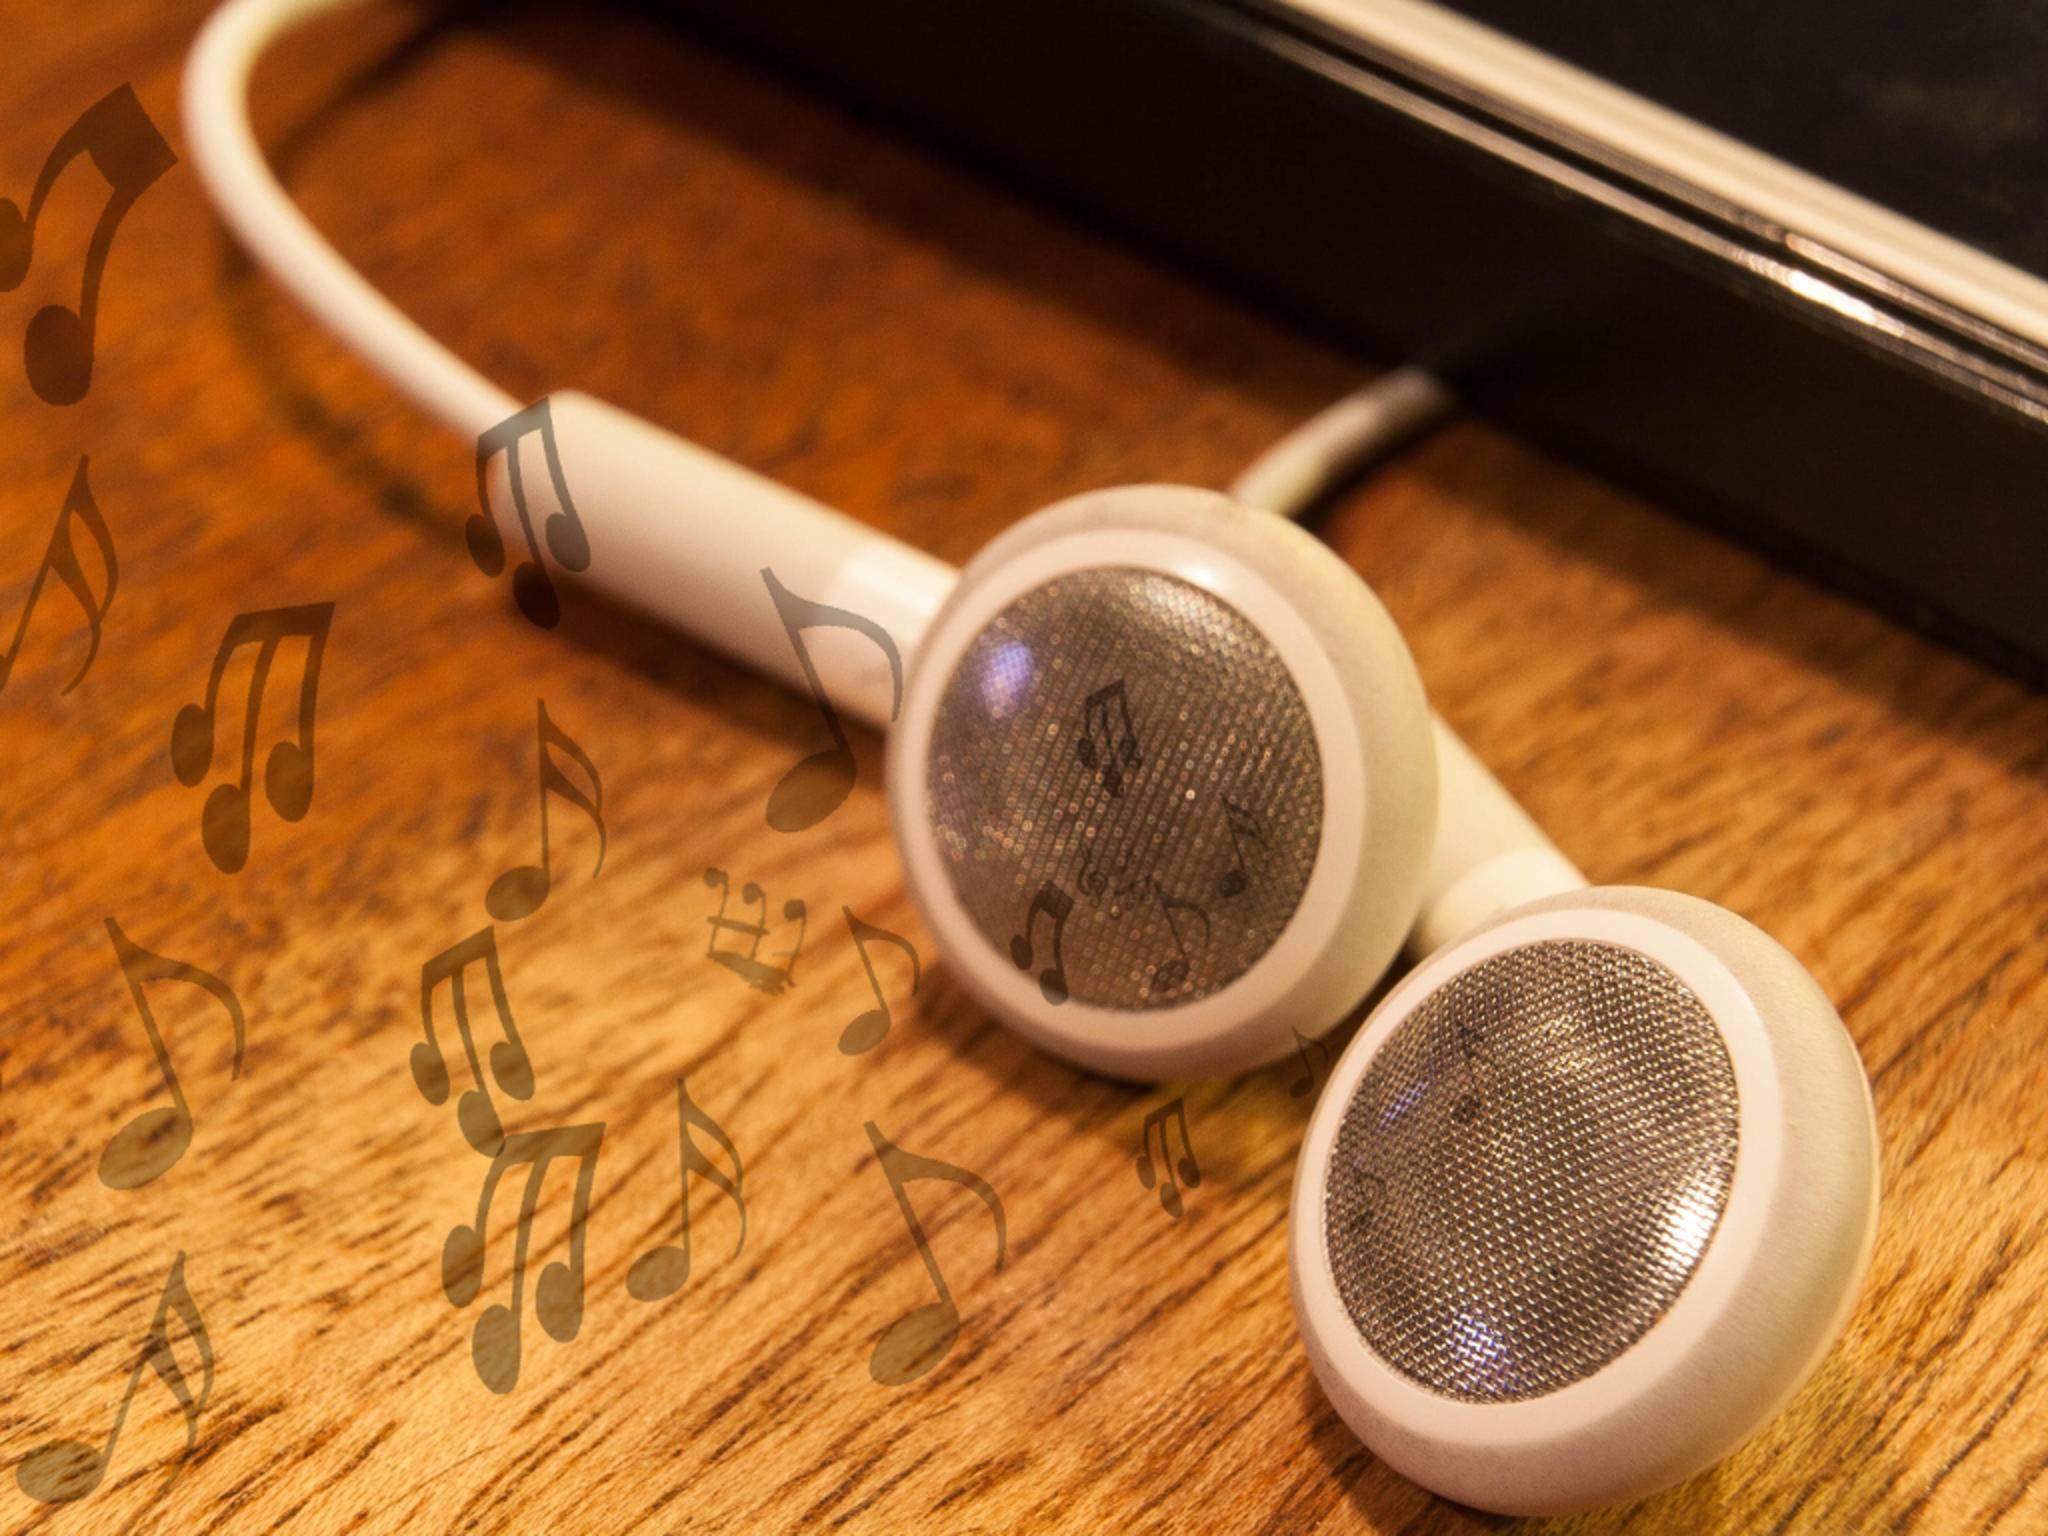 Tschüss Kabelsalat: Apple plant offenbar eigene Bluetooth-Kopfhörer.